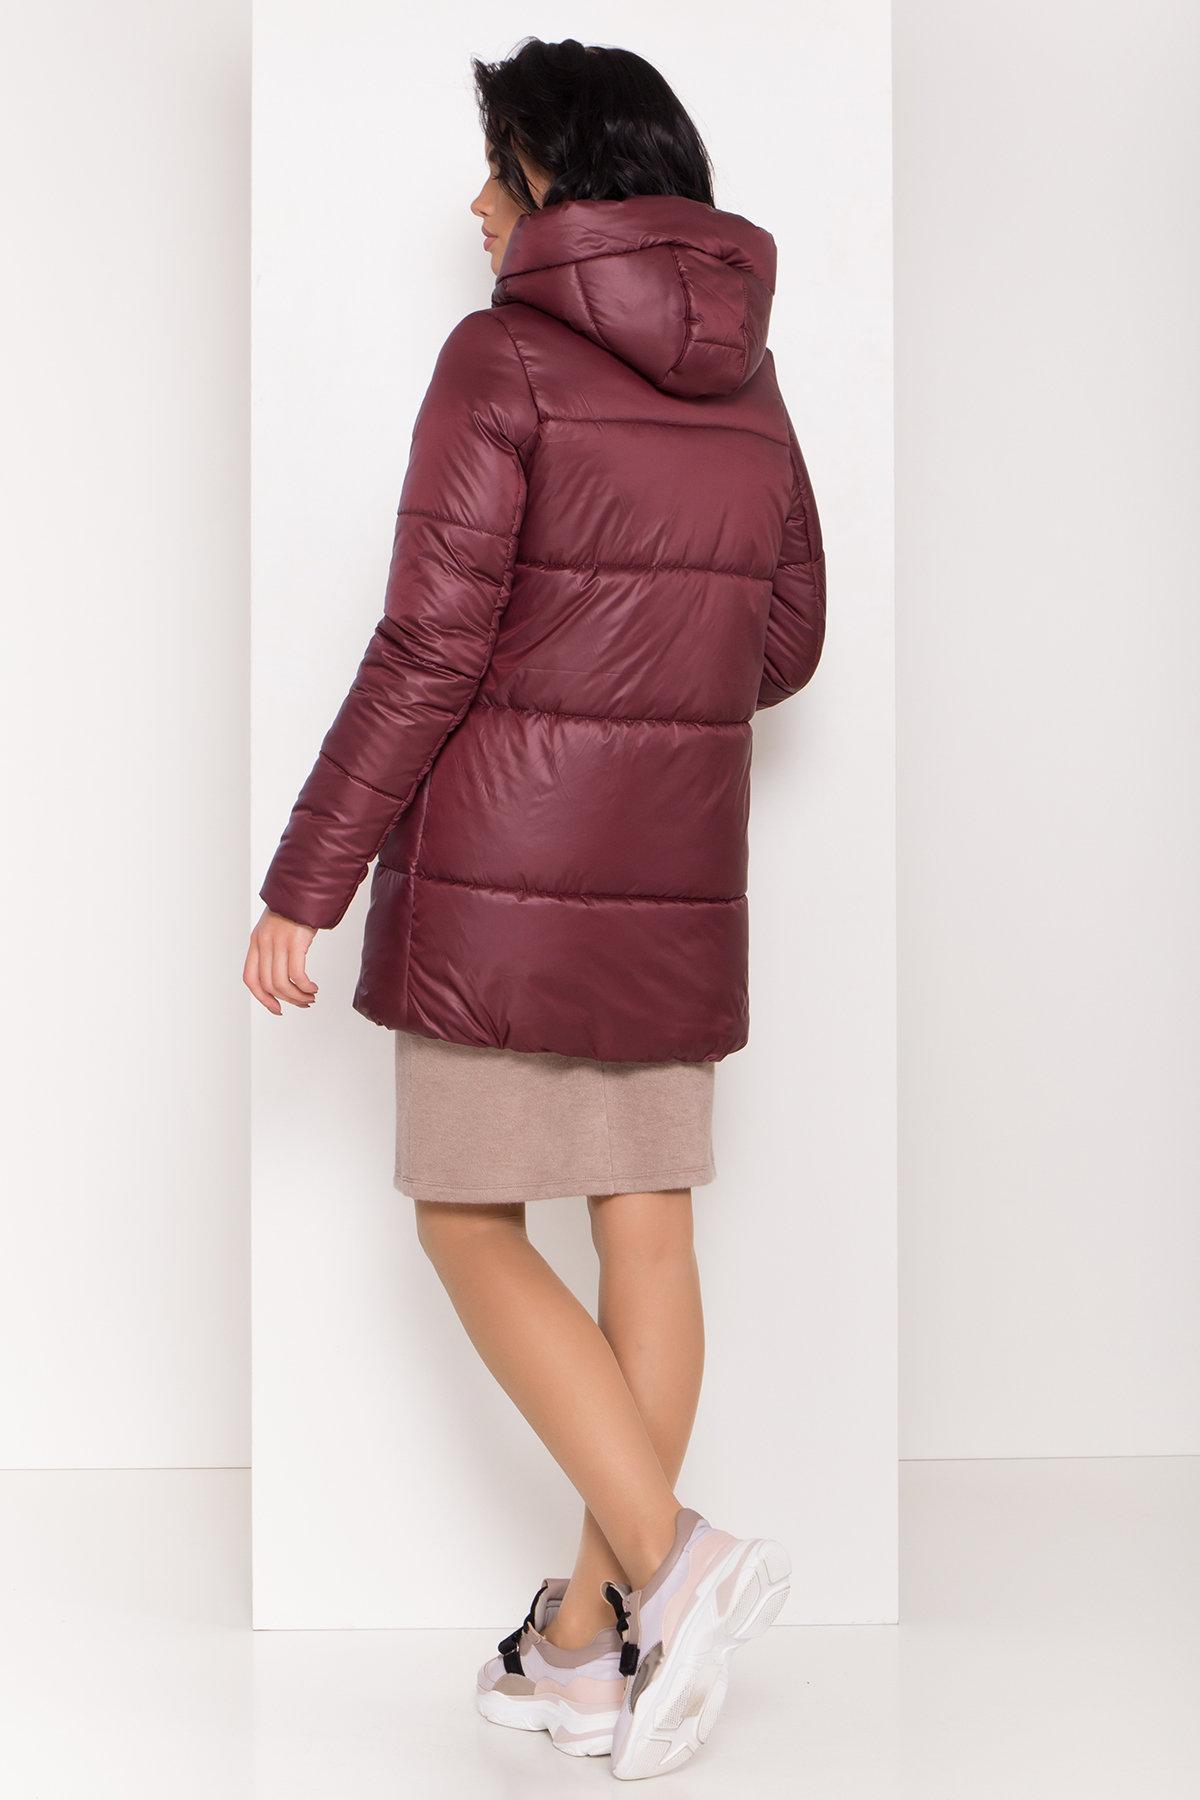 Женская зимняя куртка пуховик Техас Лаке 8238 АРТ. 44286 Цвет: Бордо - фото 2, интернет магазин tm-modus.ru